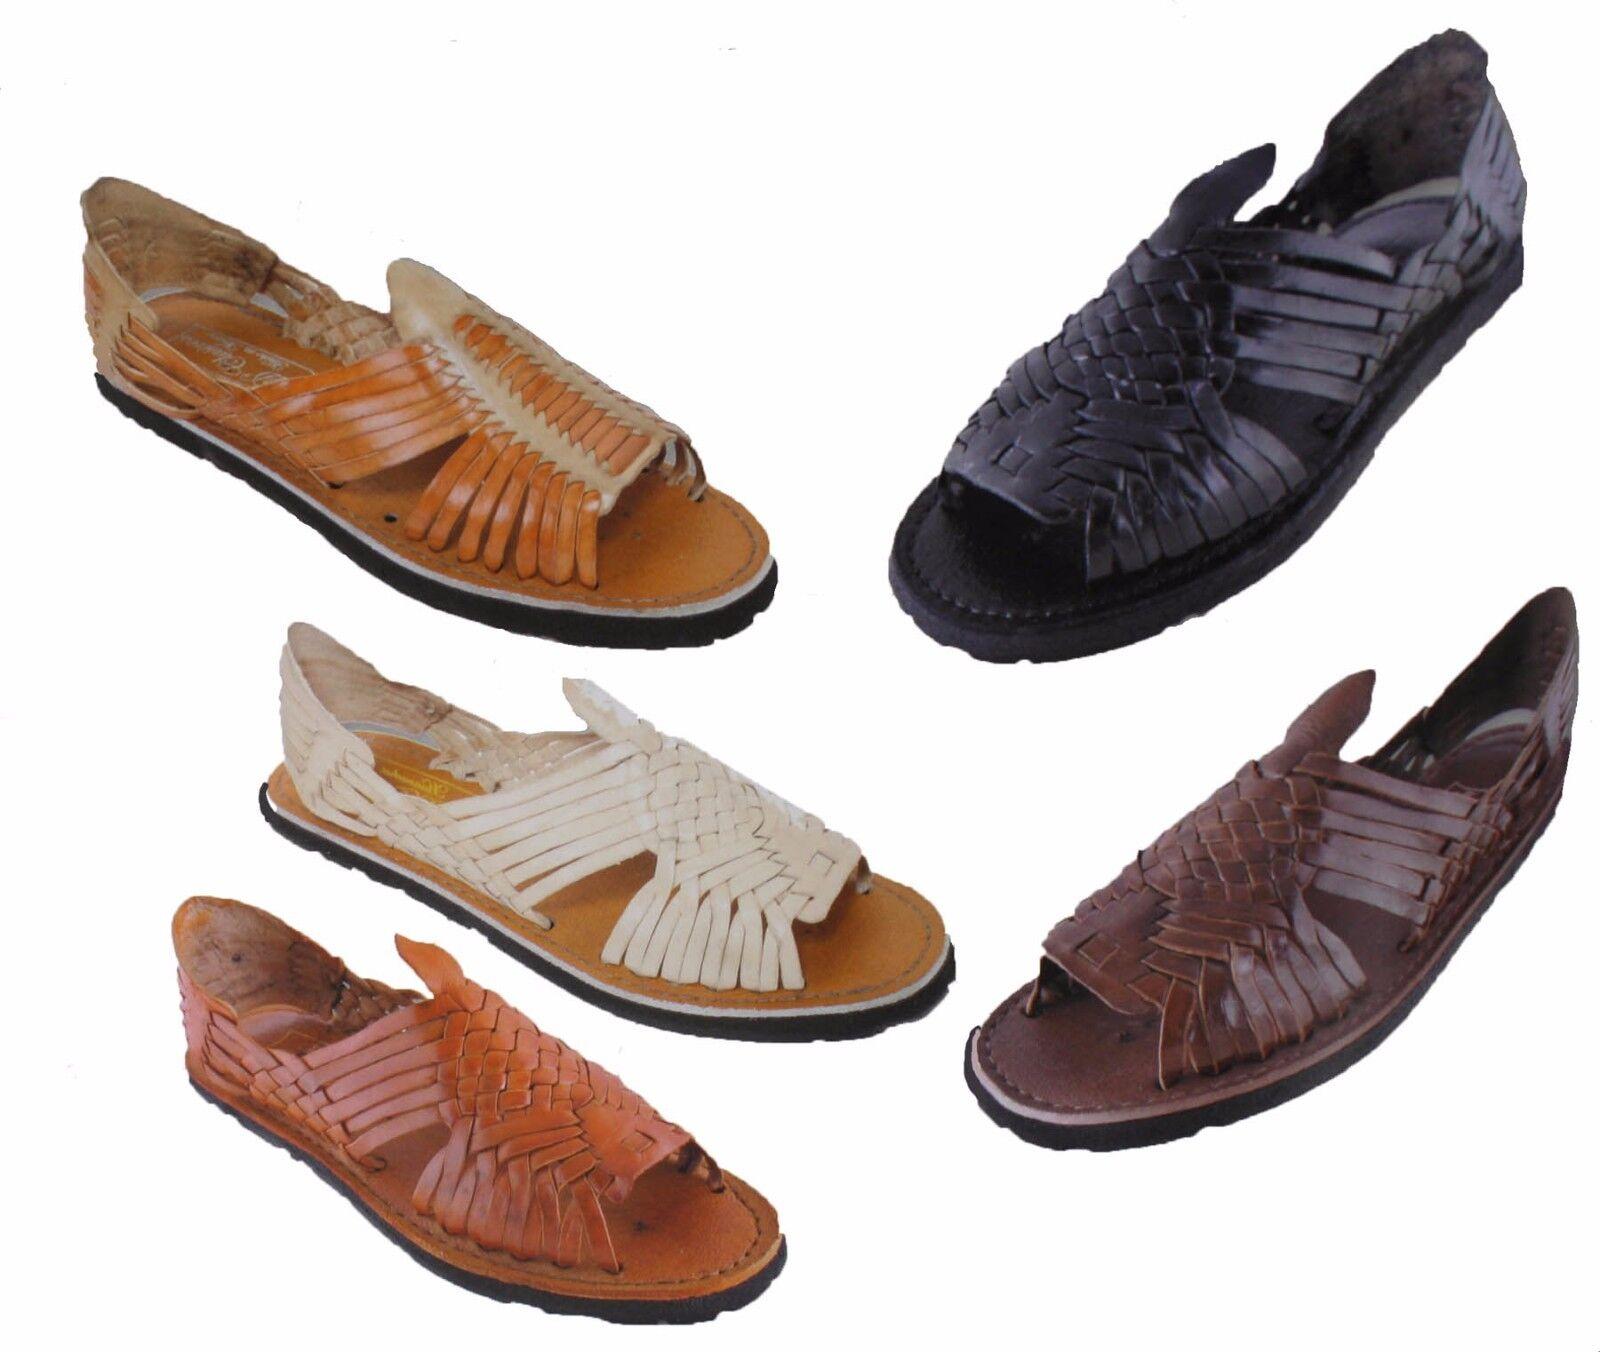 MEXICAN SANDALS Men's Huarache Sandals - ALL COLORS - Leathe